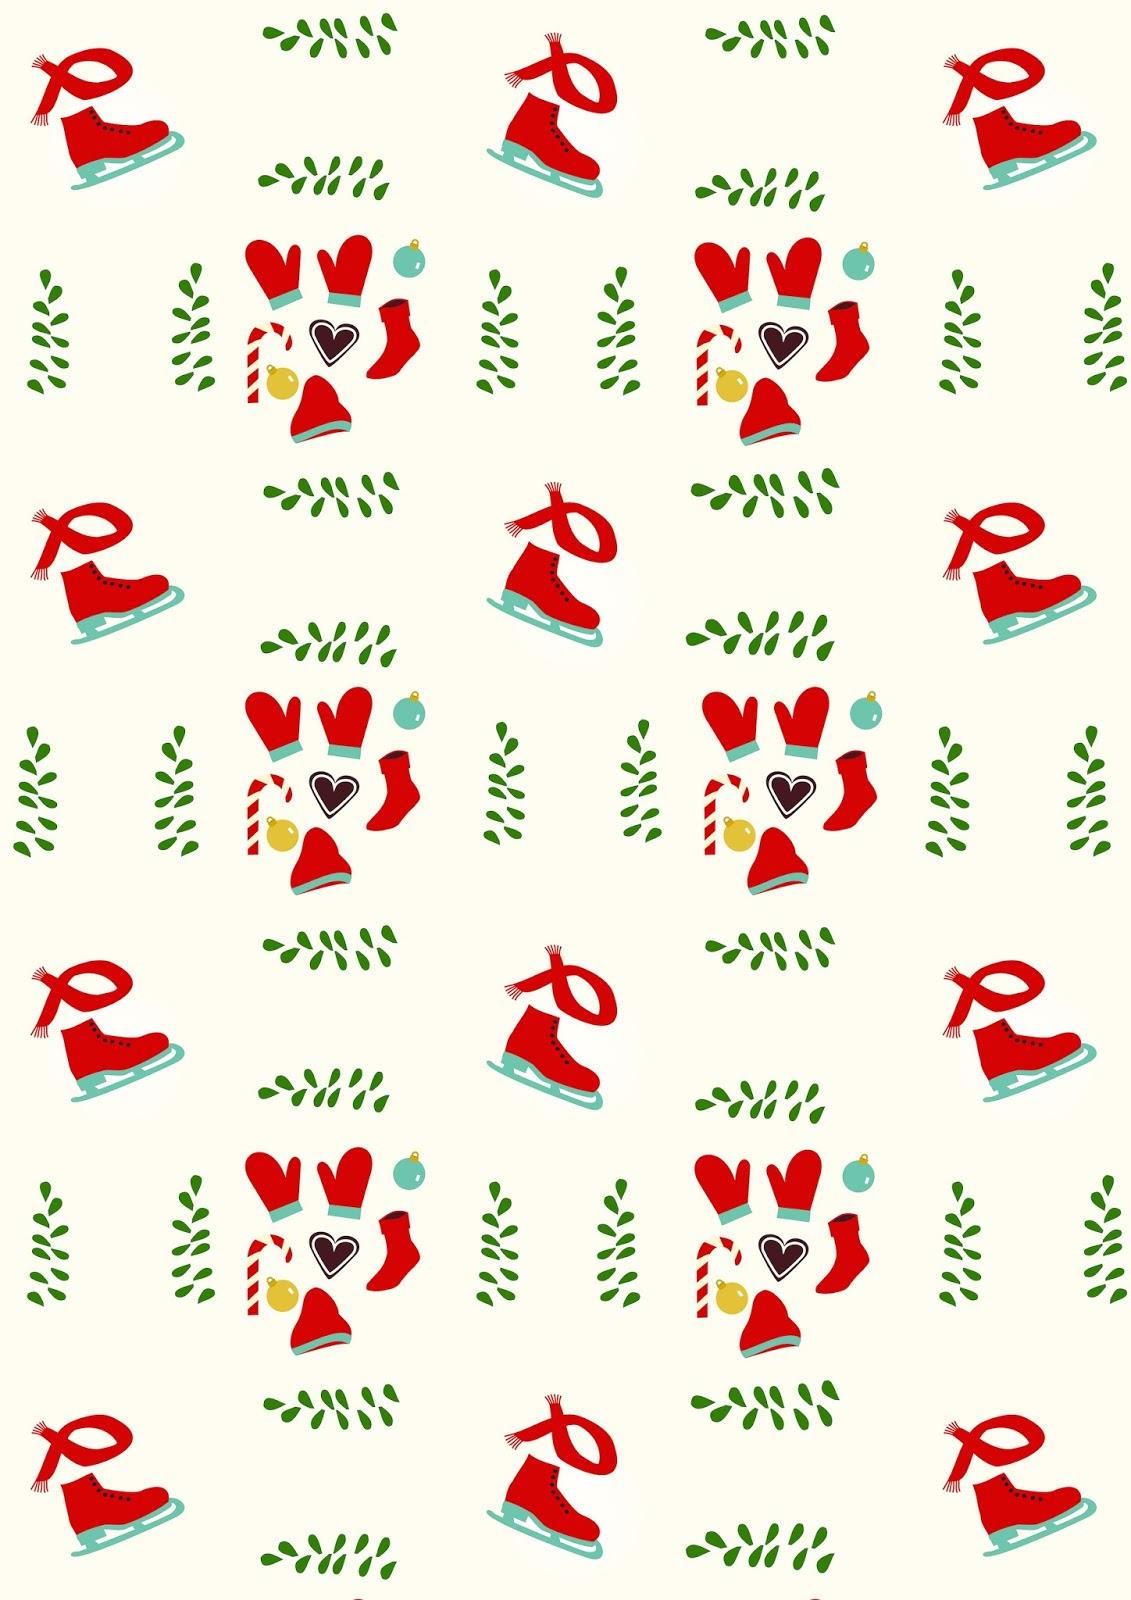 https://2.bp.blogspot.com/-zv1KImsSfoQ/VFpyWdAbDVI/AAAAAAAAgzg/w7xrw8GsS_c/s1600/winter_pattern_paper_A4.jpg